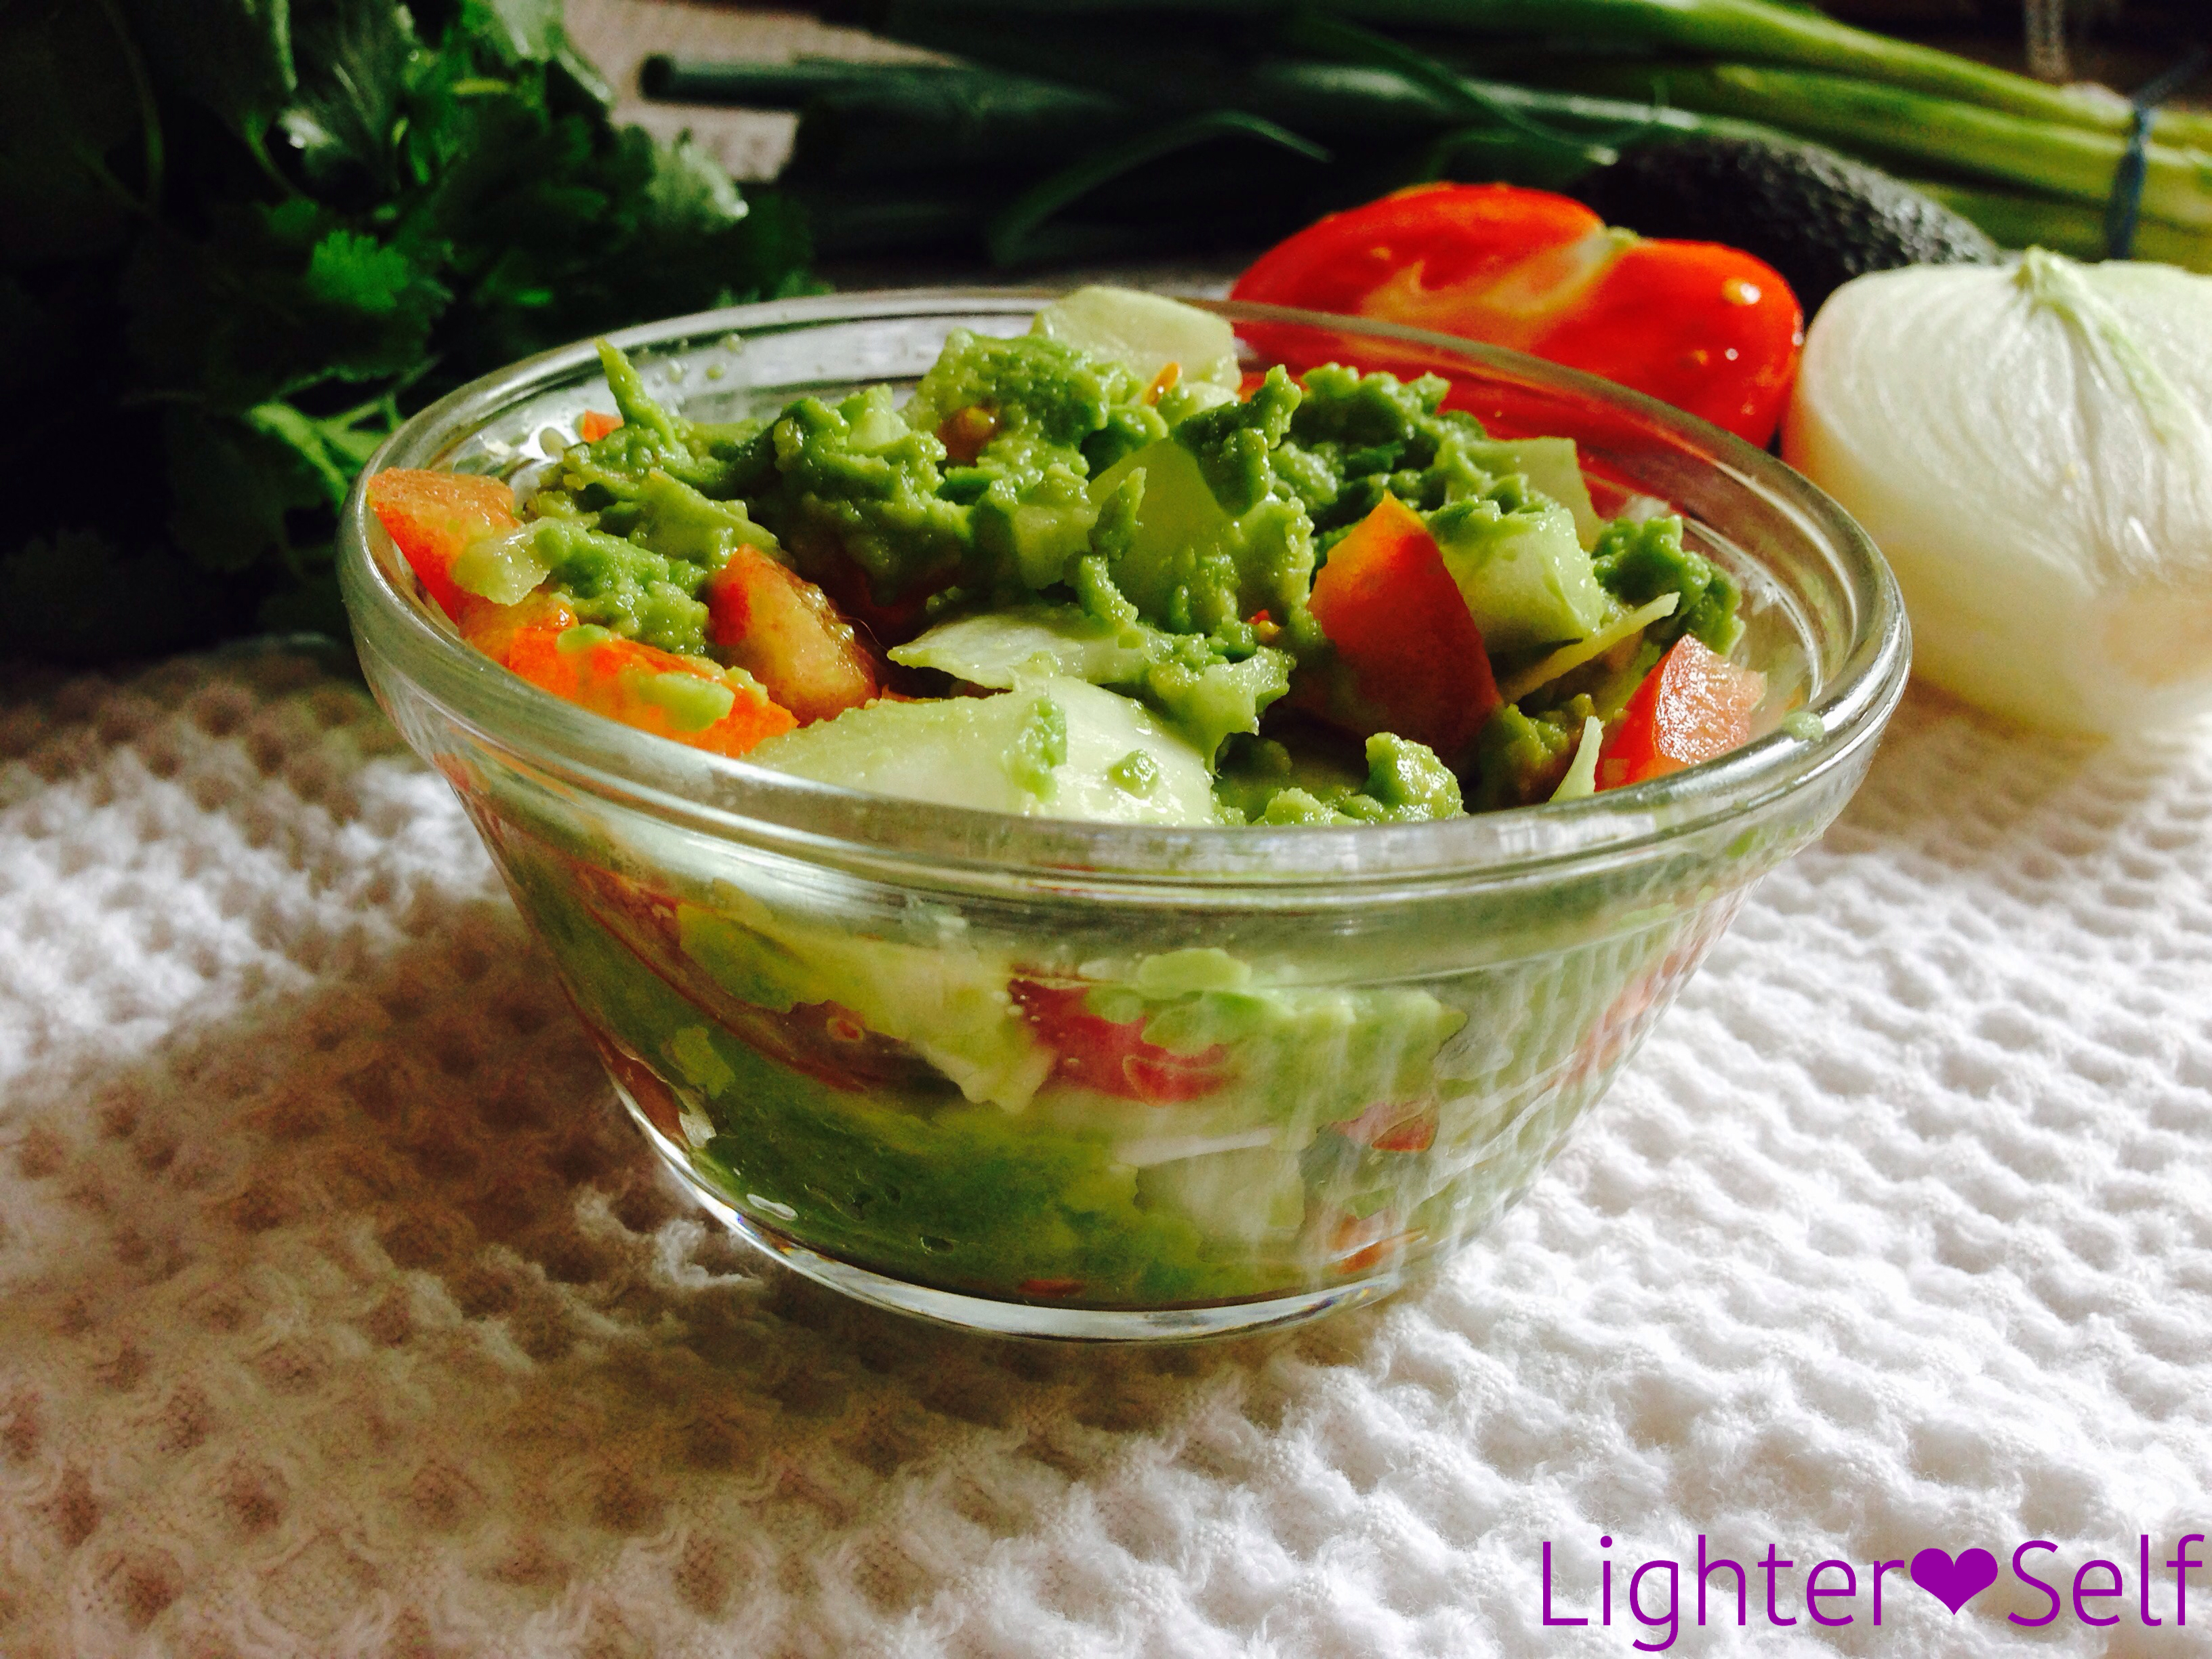 potpie lighter avocado dip recipes dishmaps lighter avocado dip ...